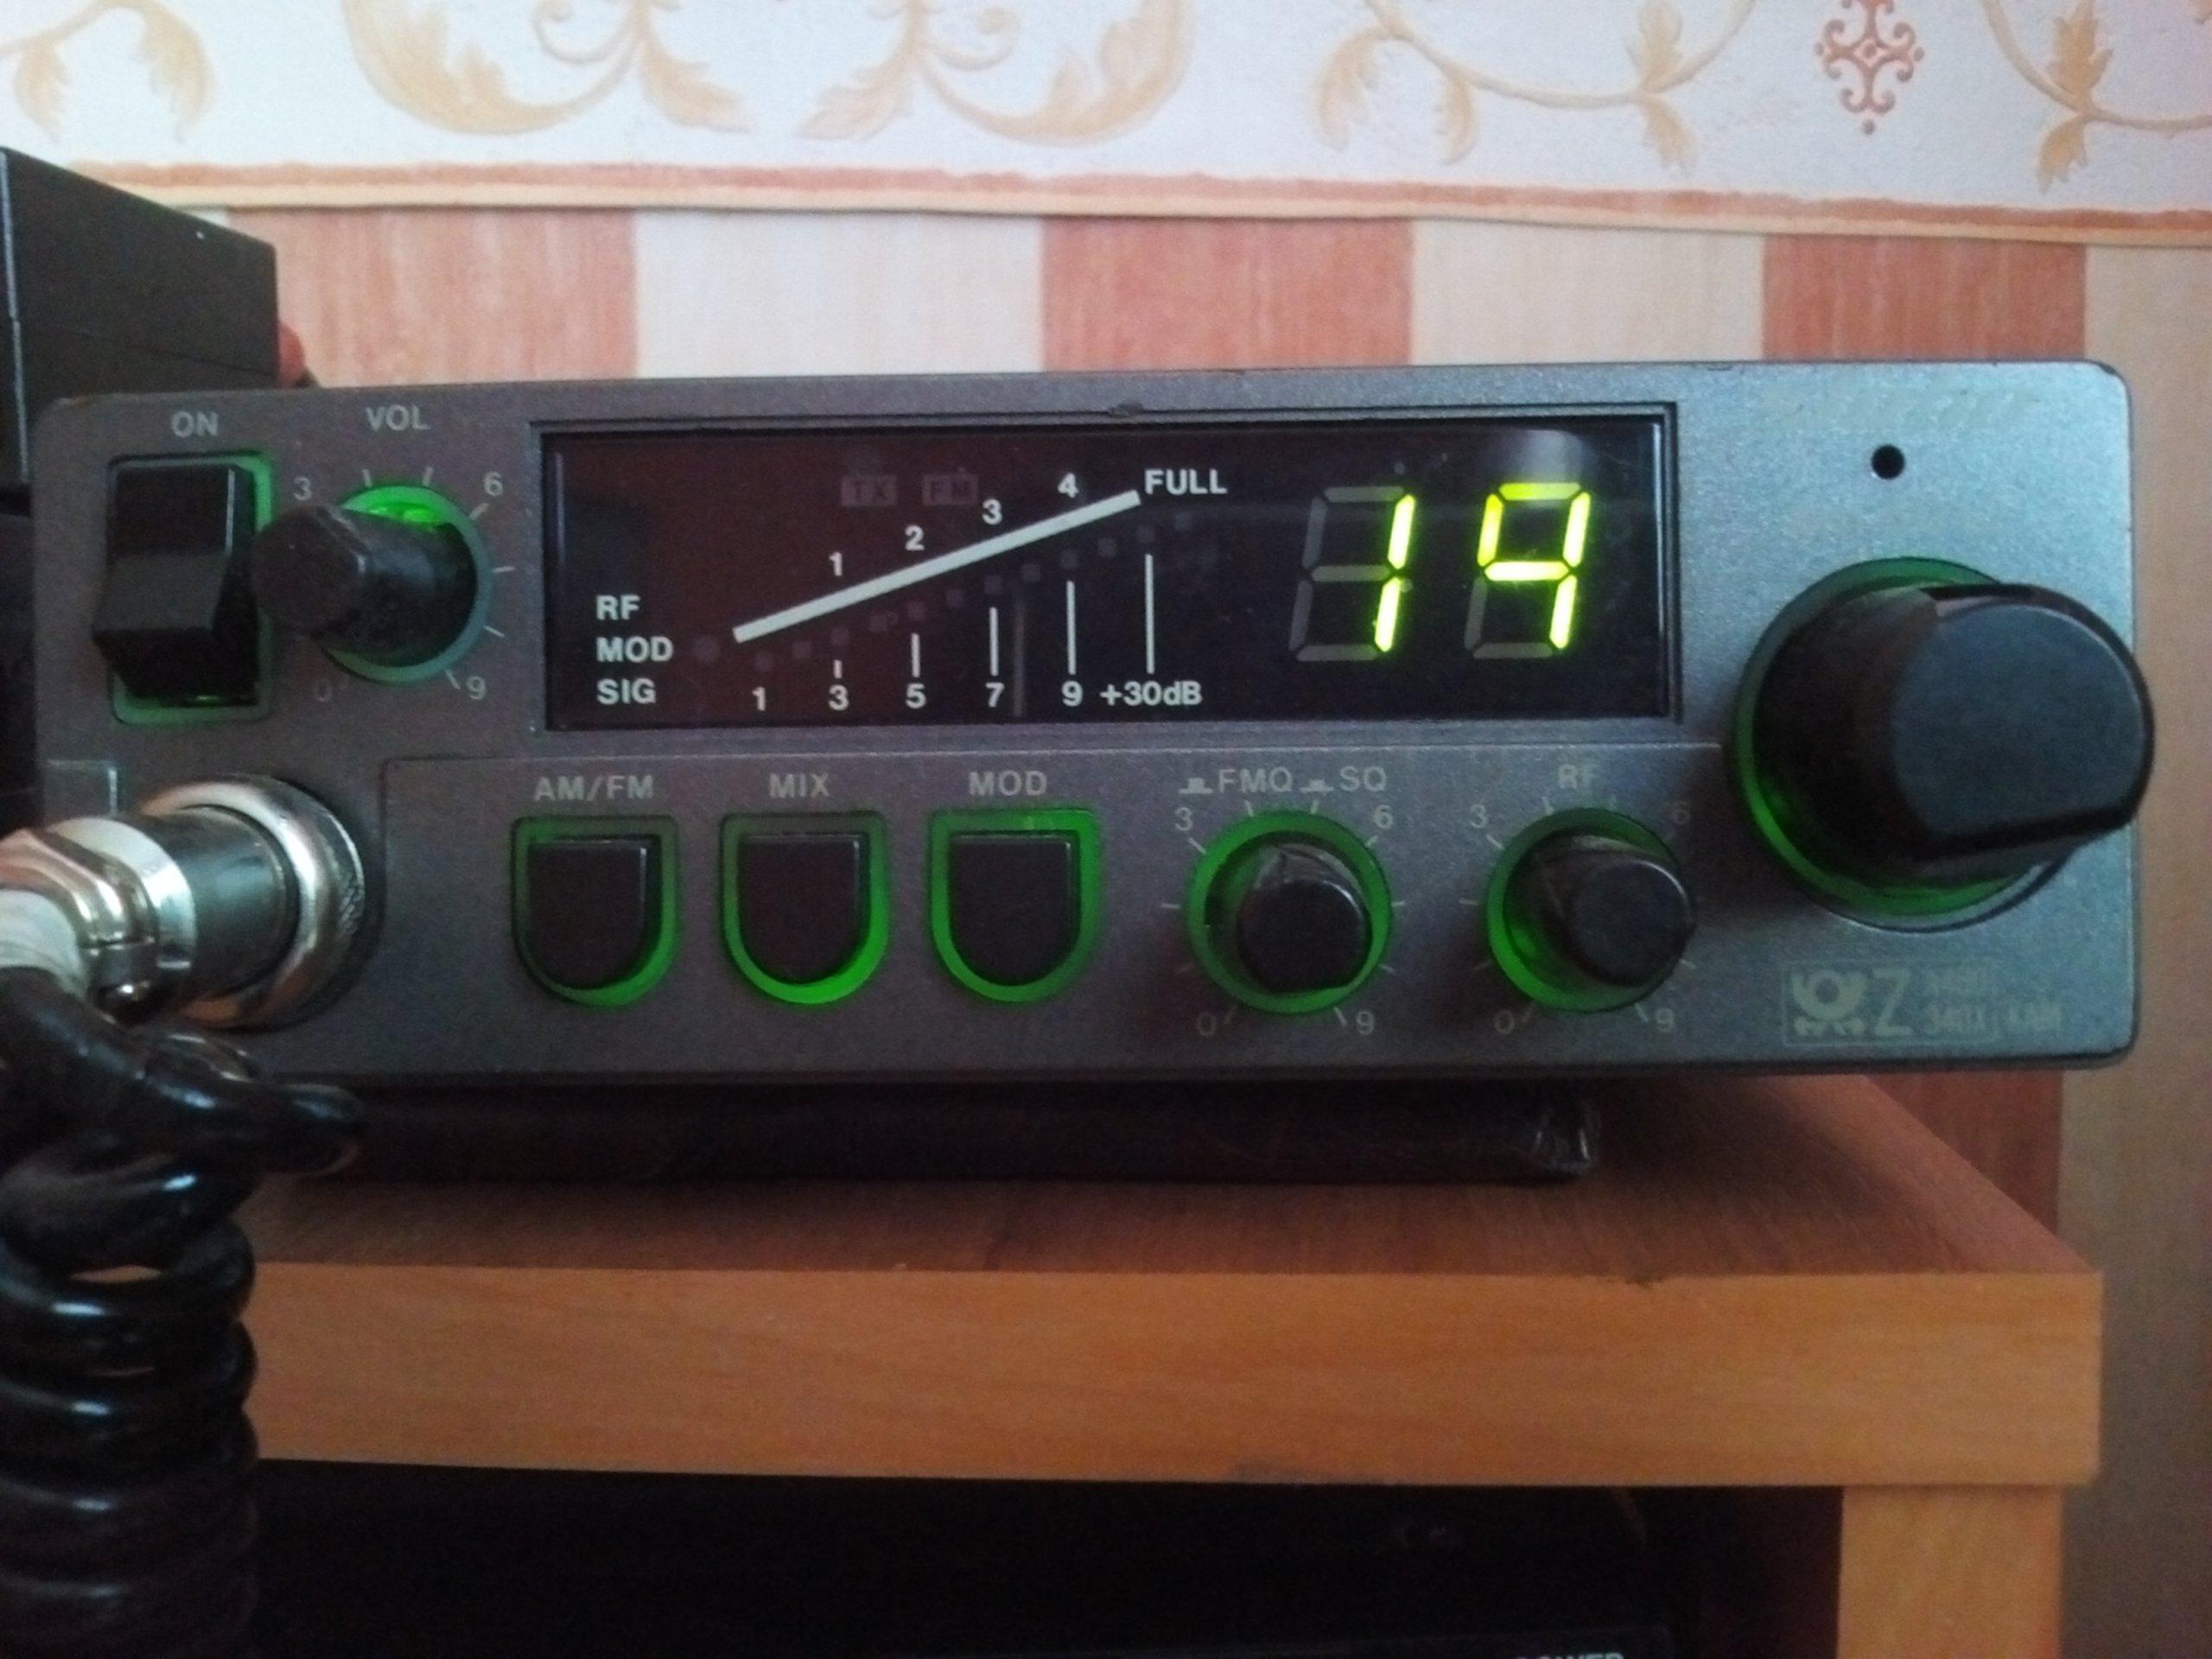 Sprzedam Sb radio Stabo Xm 5012